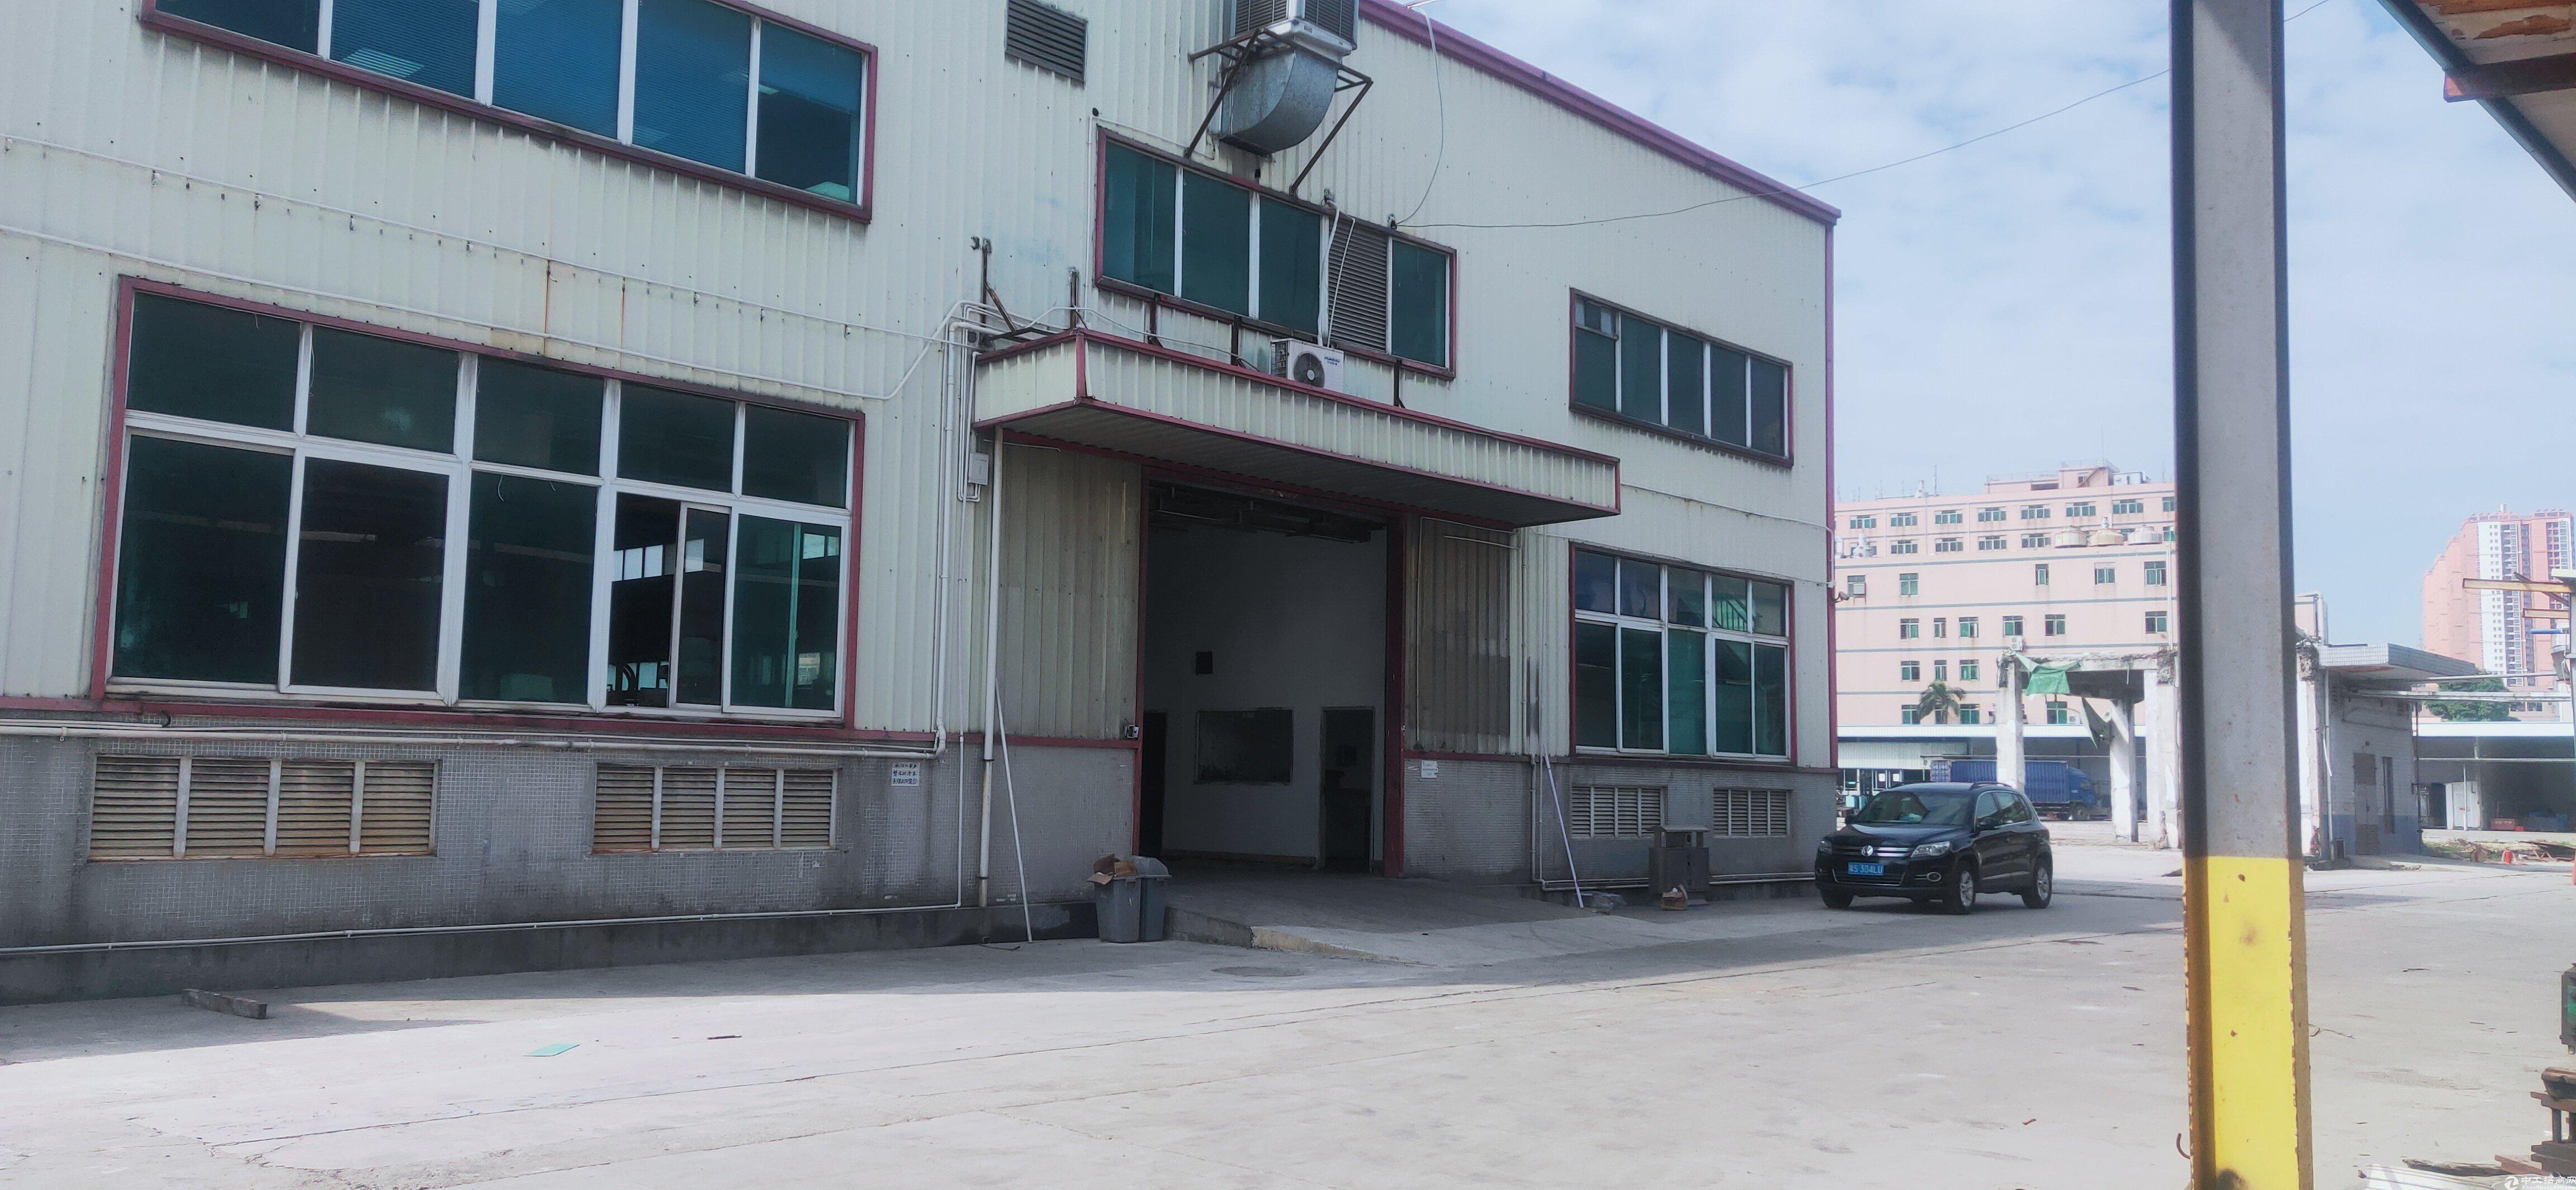 新出!平湖大工业园花园式厂房仓库16800平方招租可分租